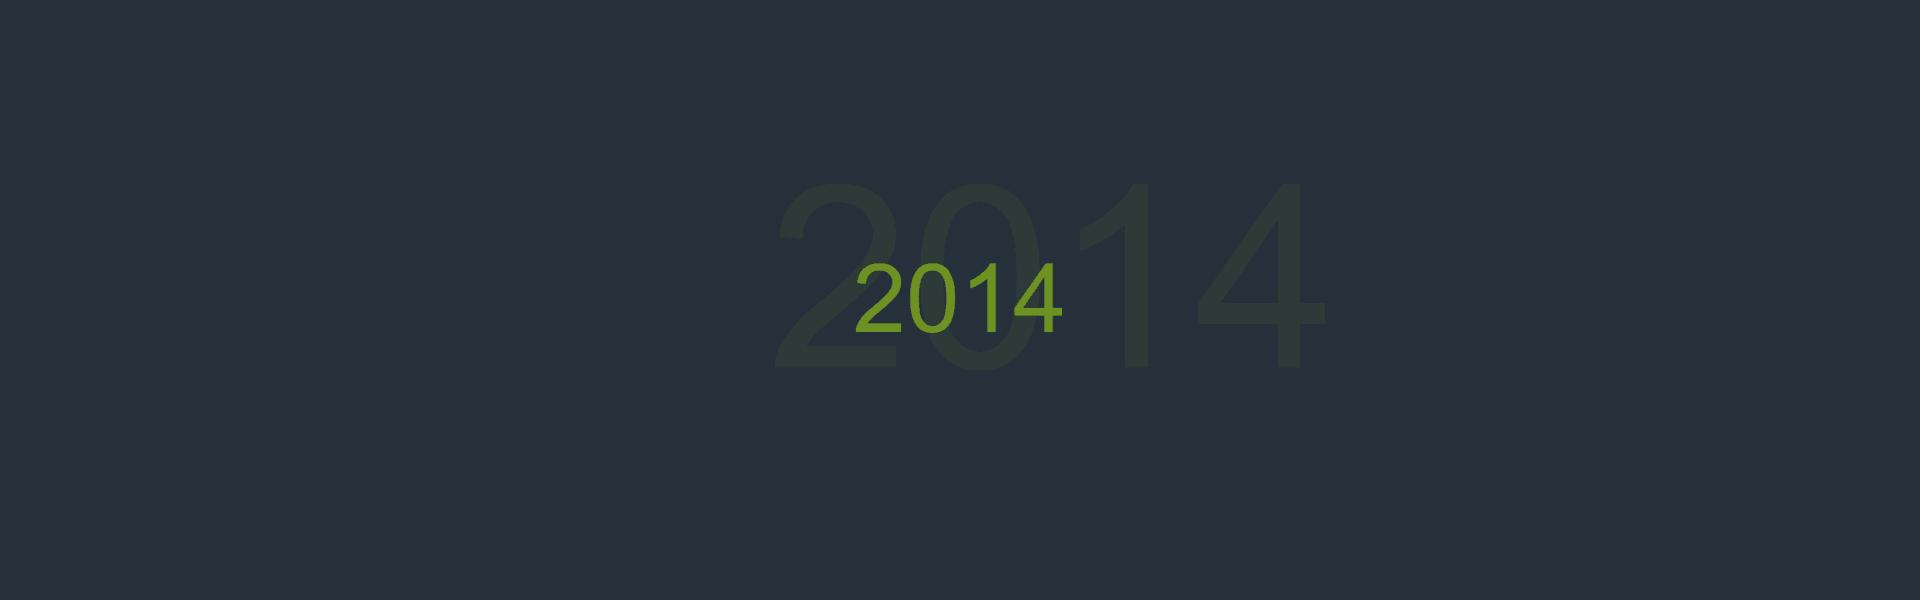 SEO-Konferenzen im Jahr 2014